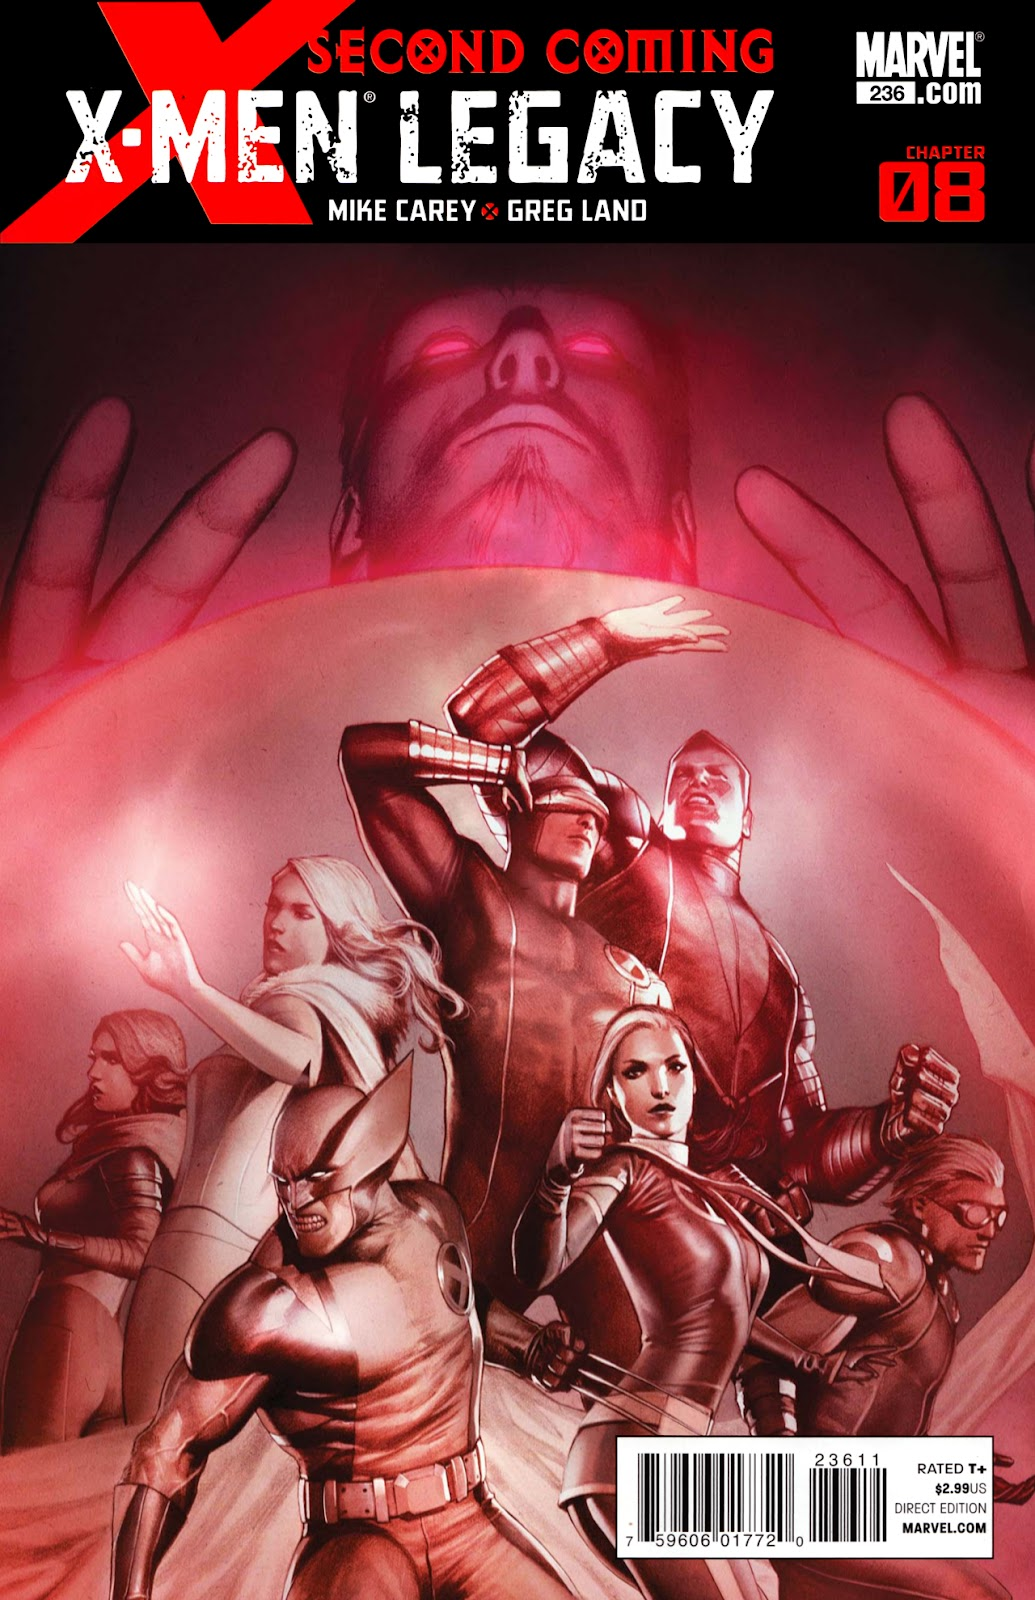 X-Men Legacy (2008) 236 Page 1